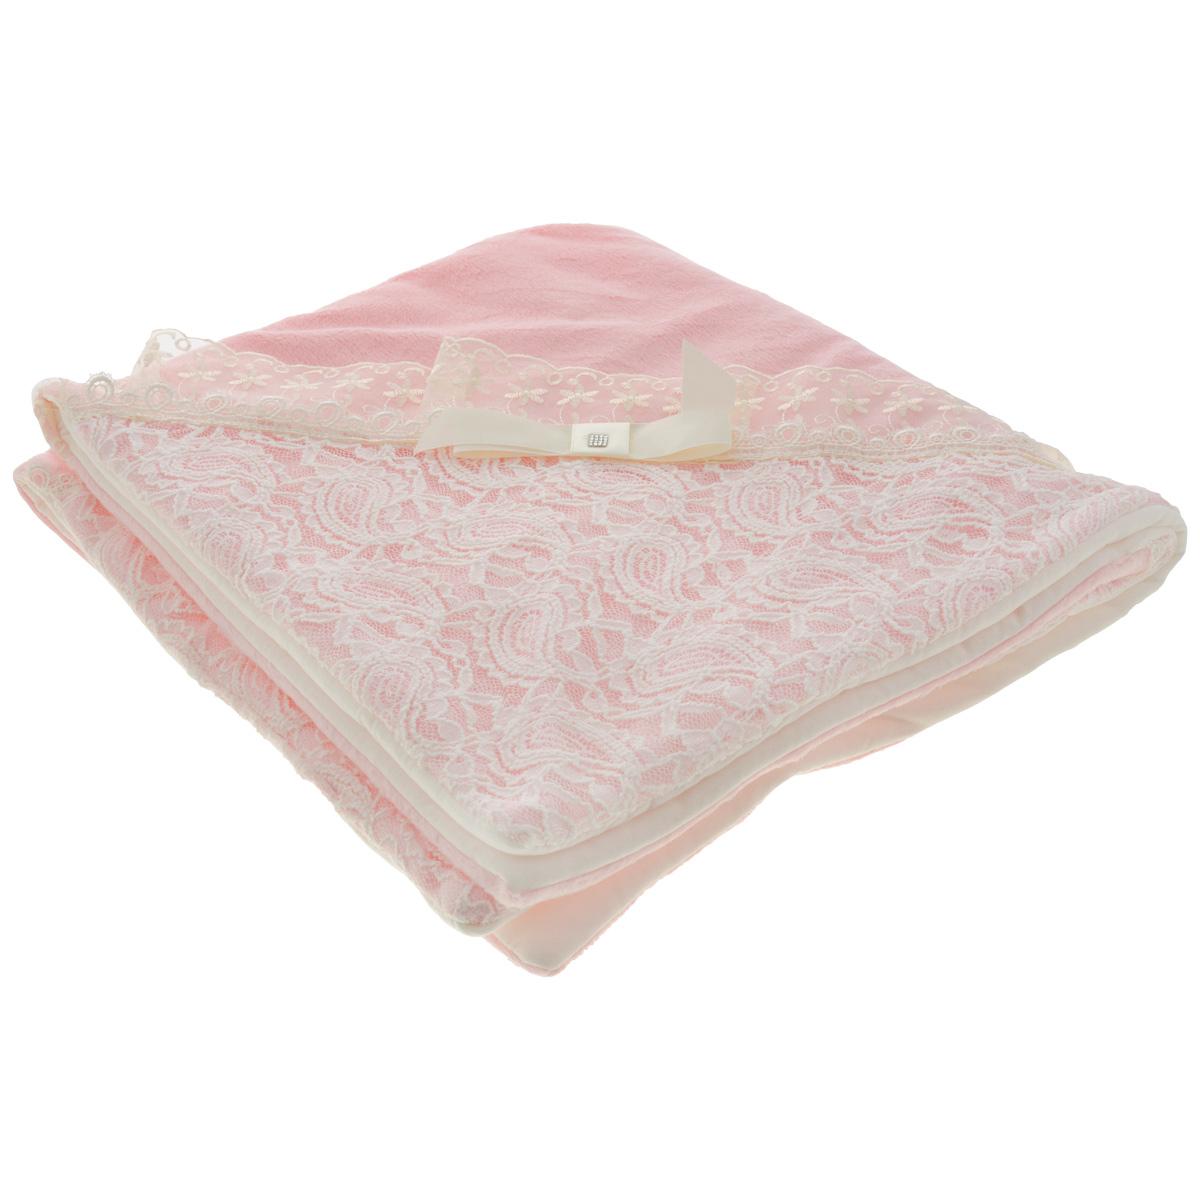 Плед детский Сонный гномик  Праздничный , цвет: розовый, 77 см х 86 см -  Детский текстиль